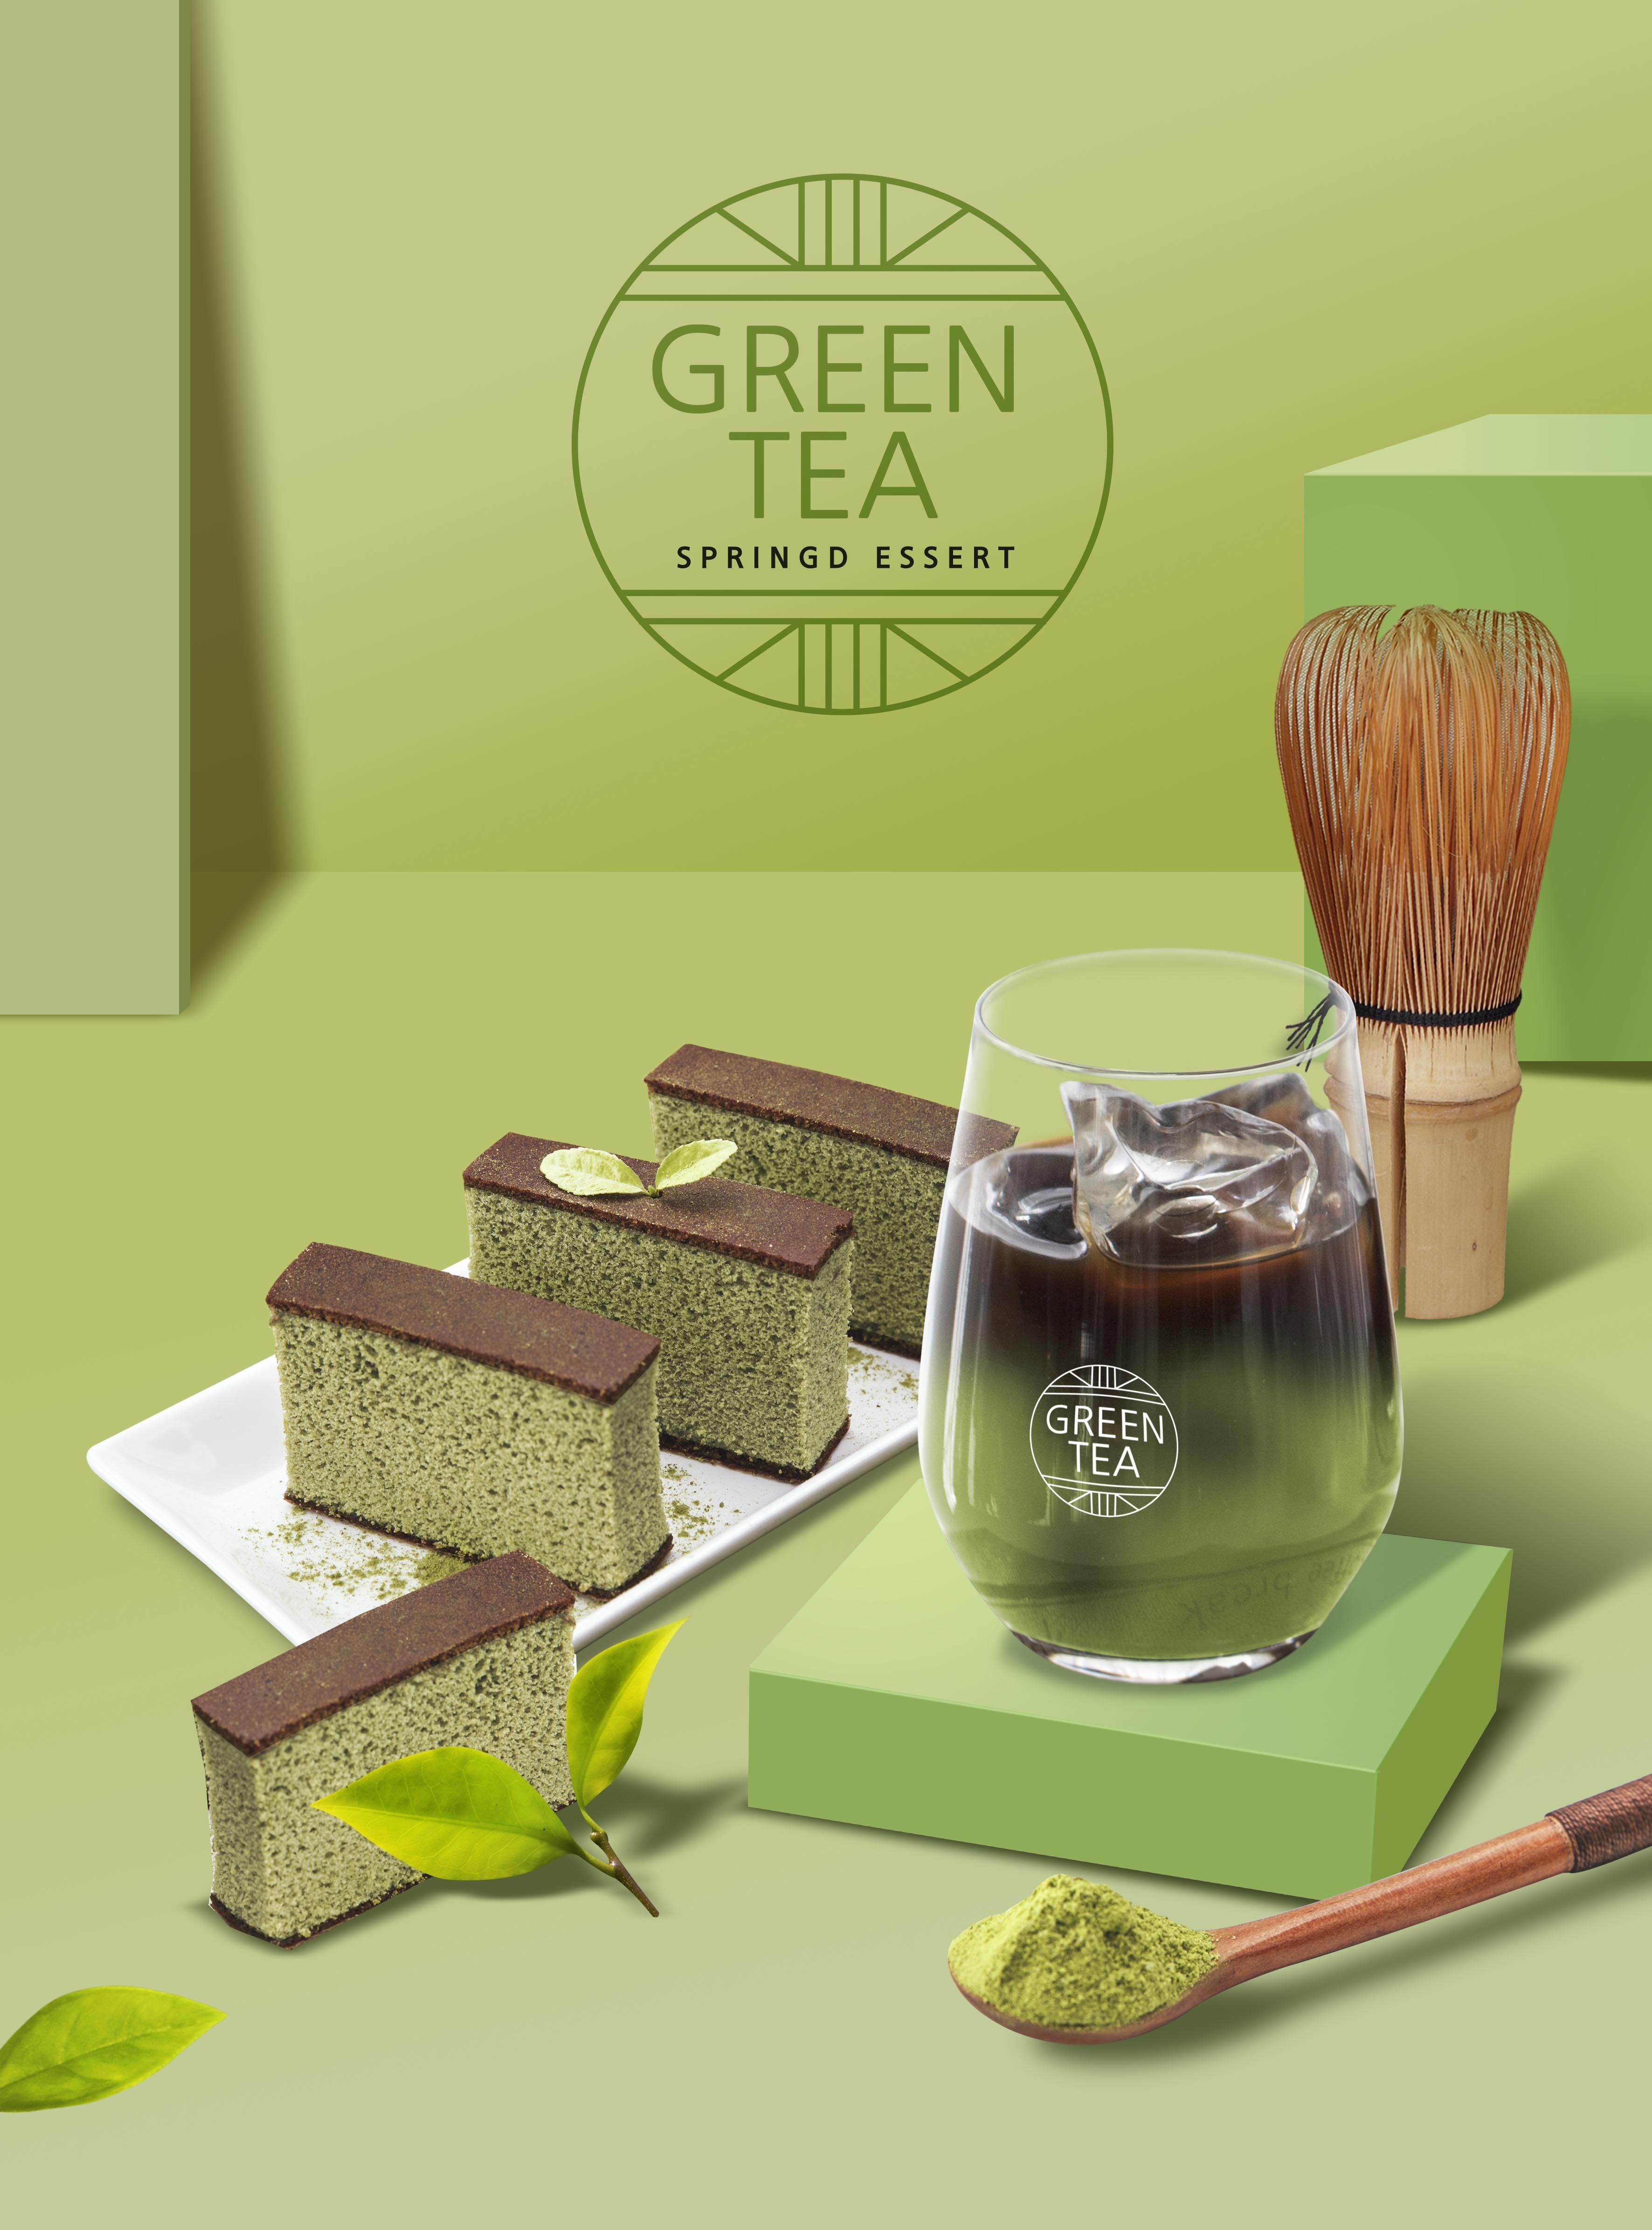 10款奶茶甜品美食蛋糕下午茶传单海报设计PSD素材 Food Poster PSD Template插图1